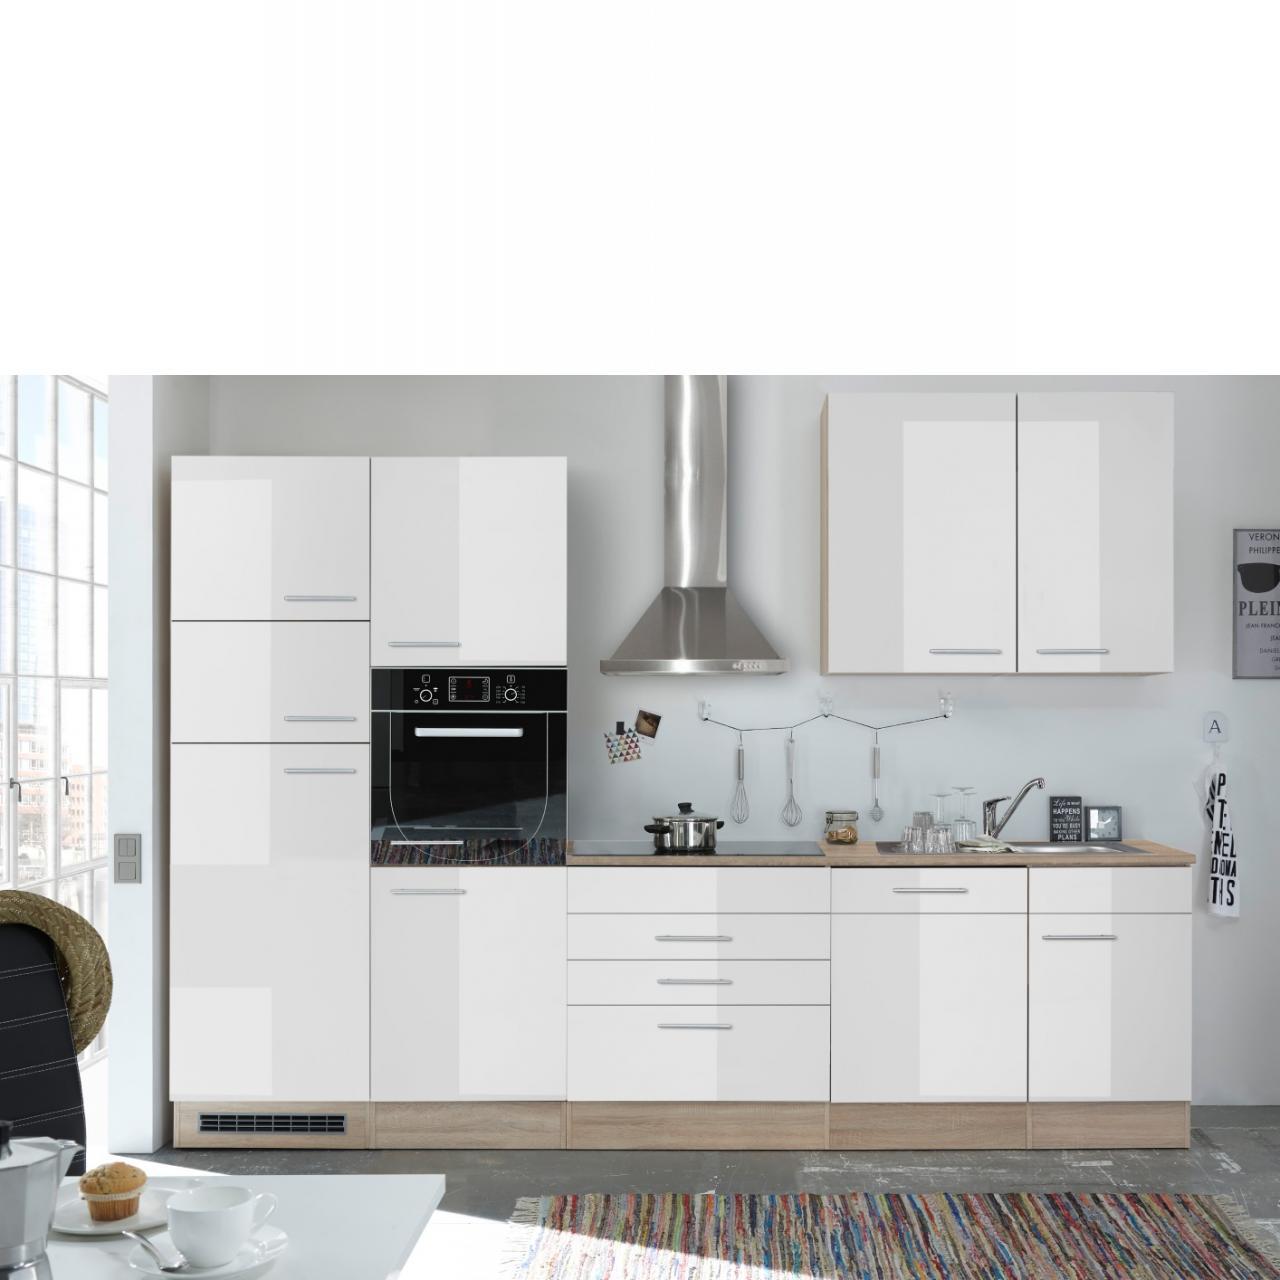 traumk che g nstig online kaufen bei m bel j hnichen. Black Bedroom Furniture Sets. Home Design Ideas